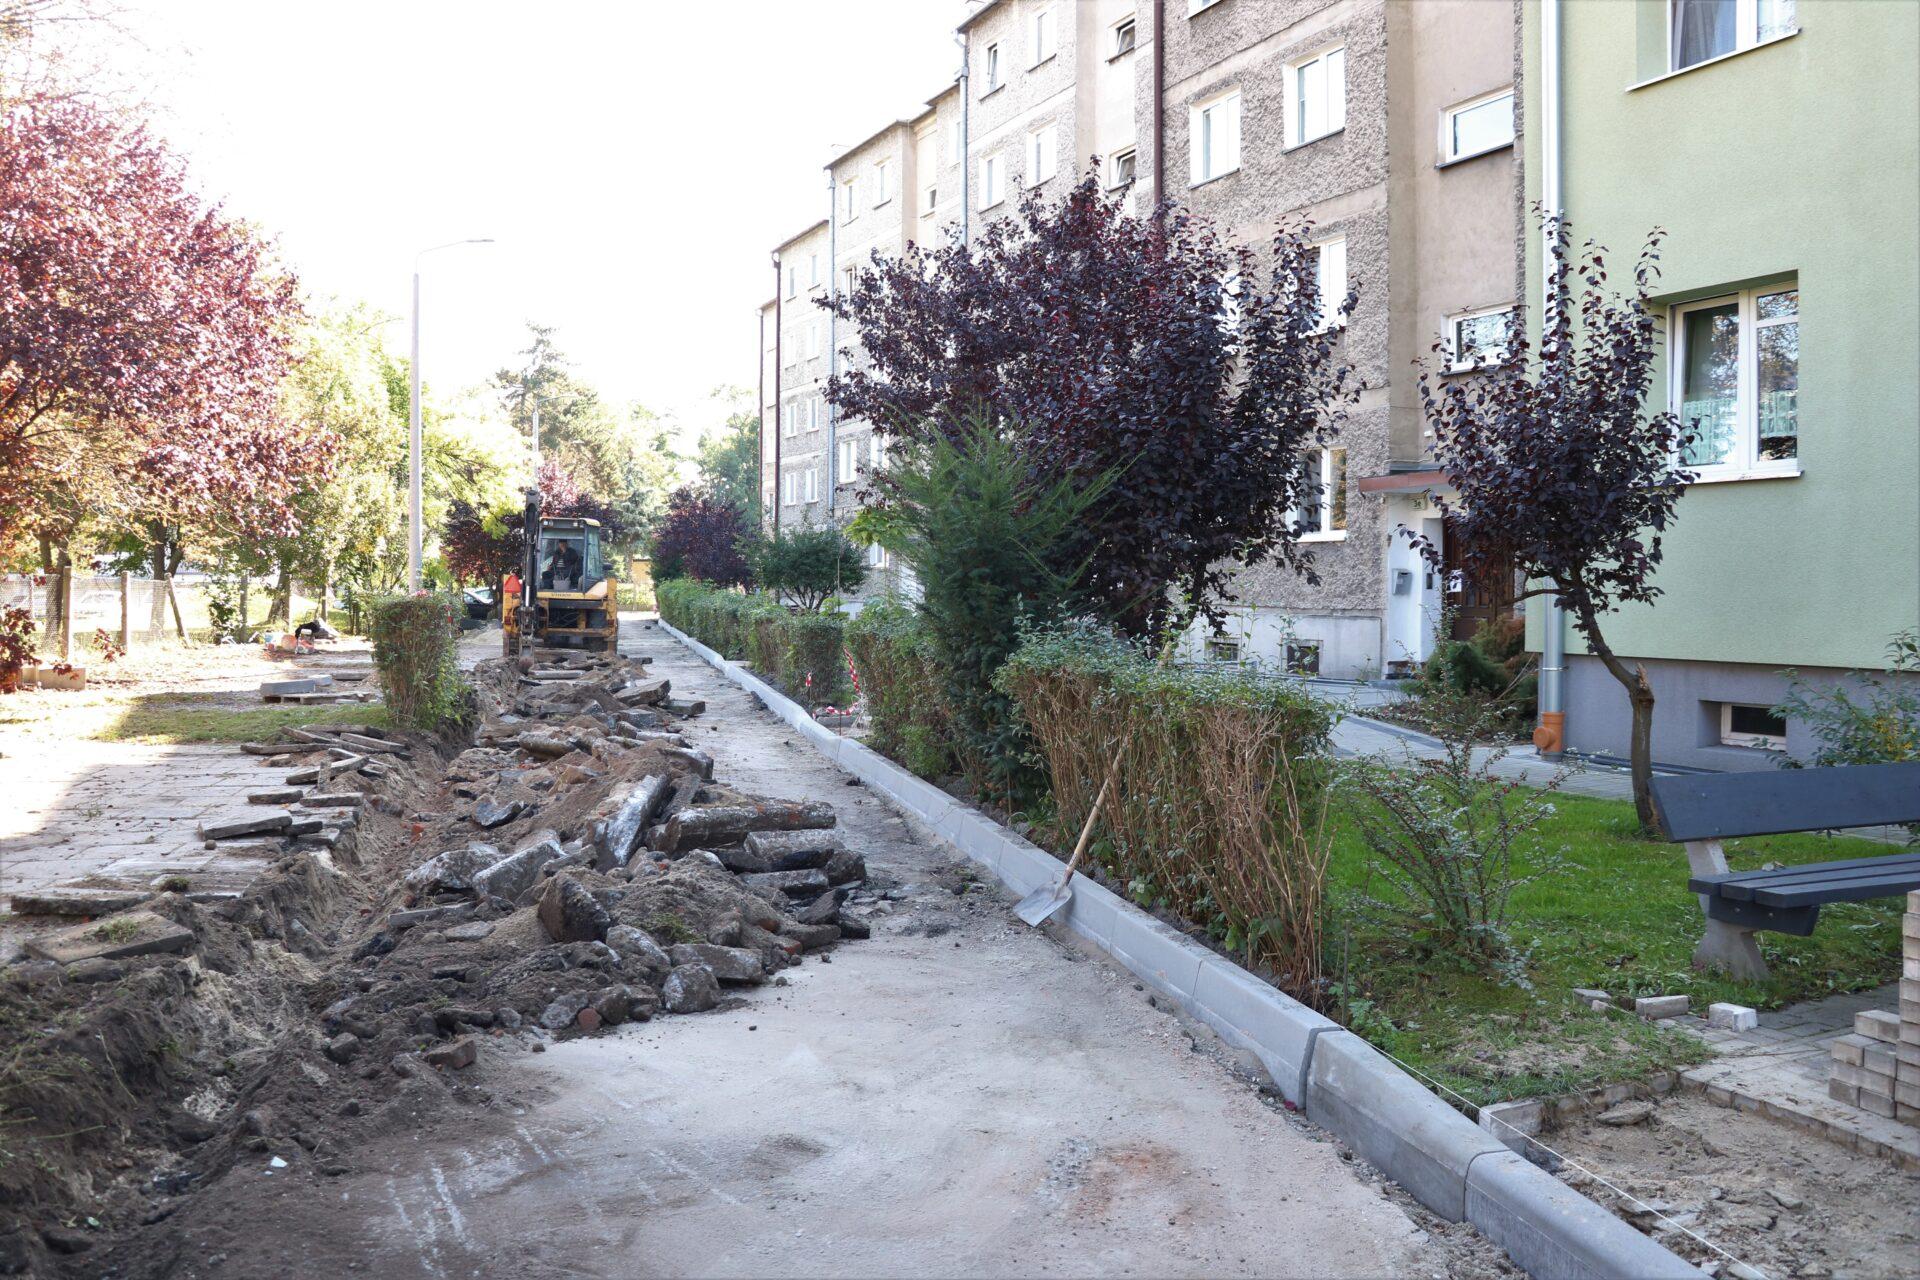 Przebudowywane podwórko przy ulicy Władysława Łokietka